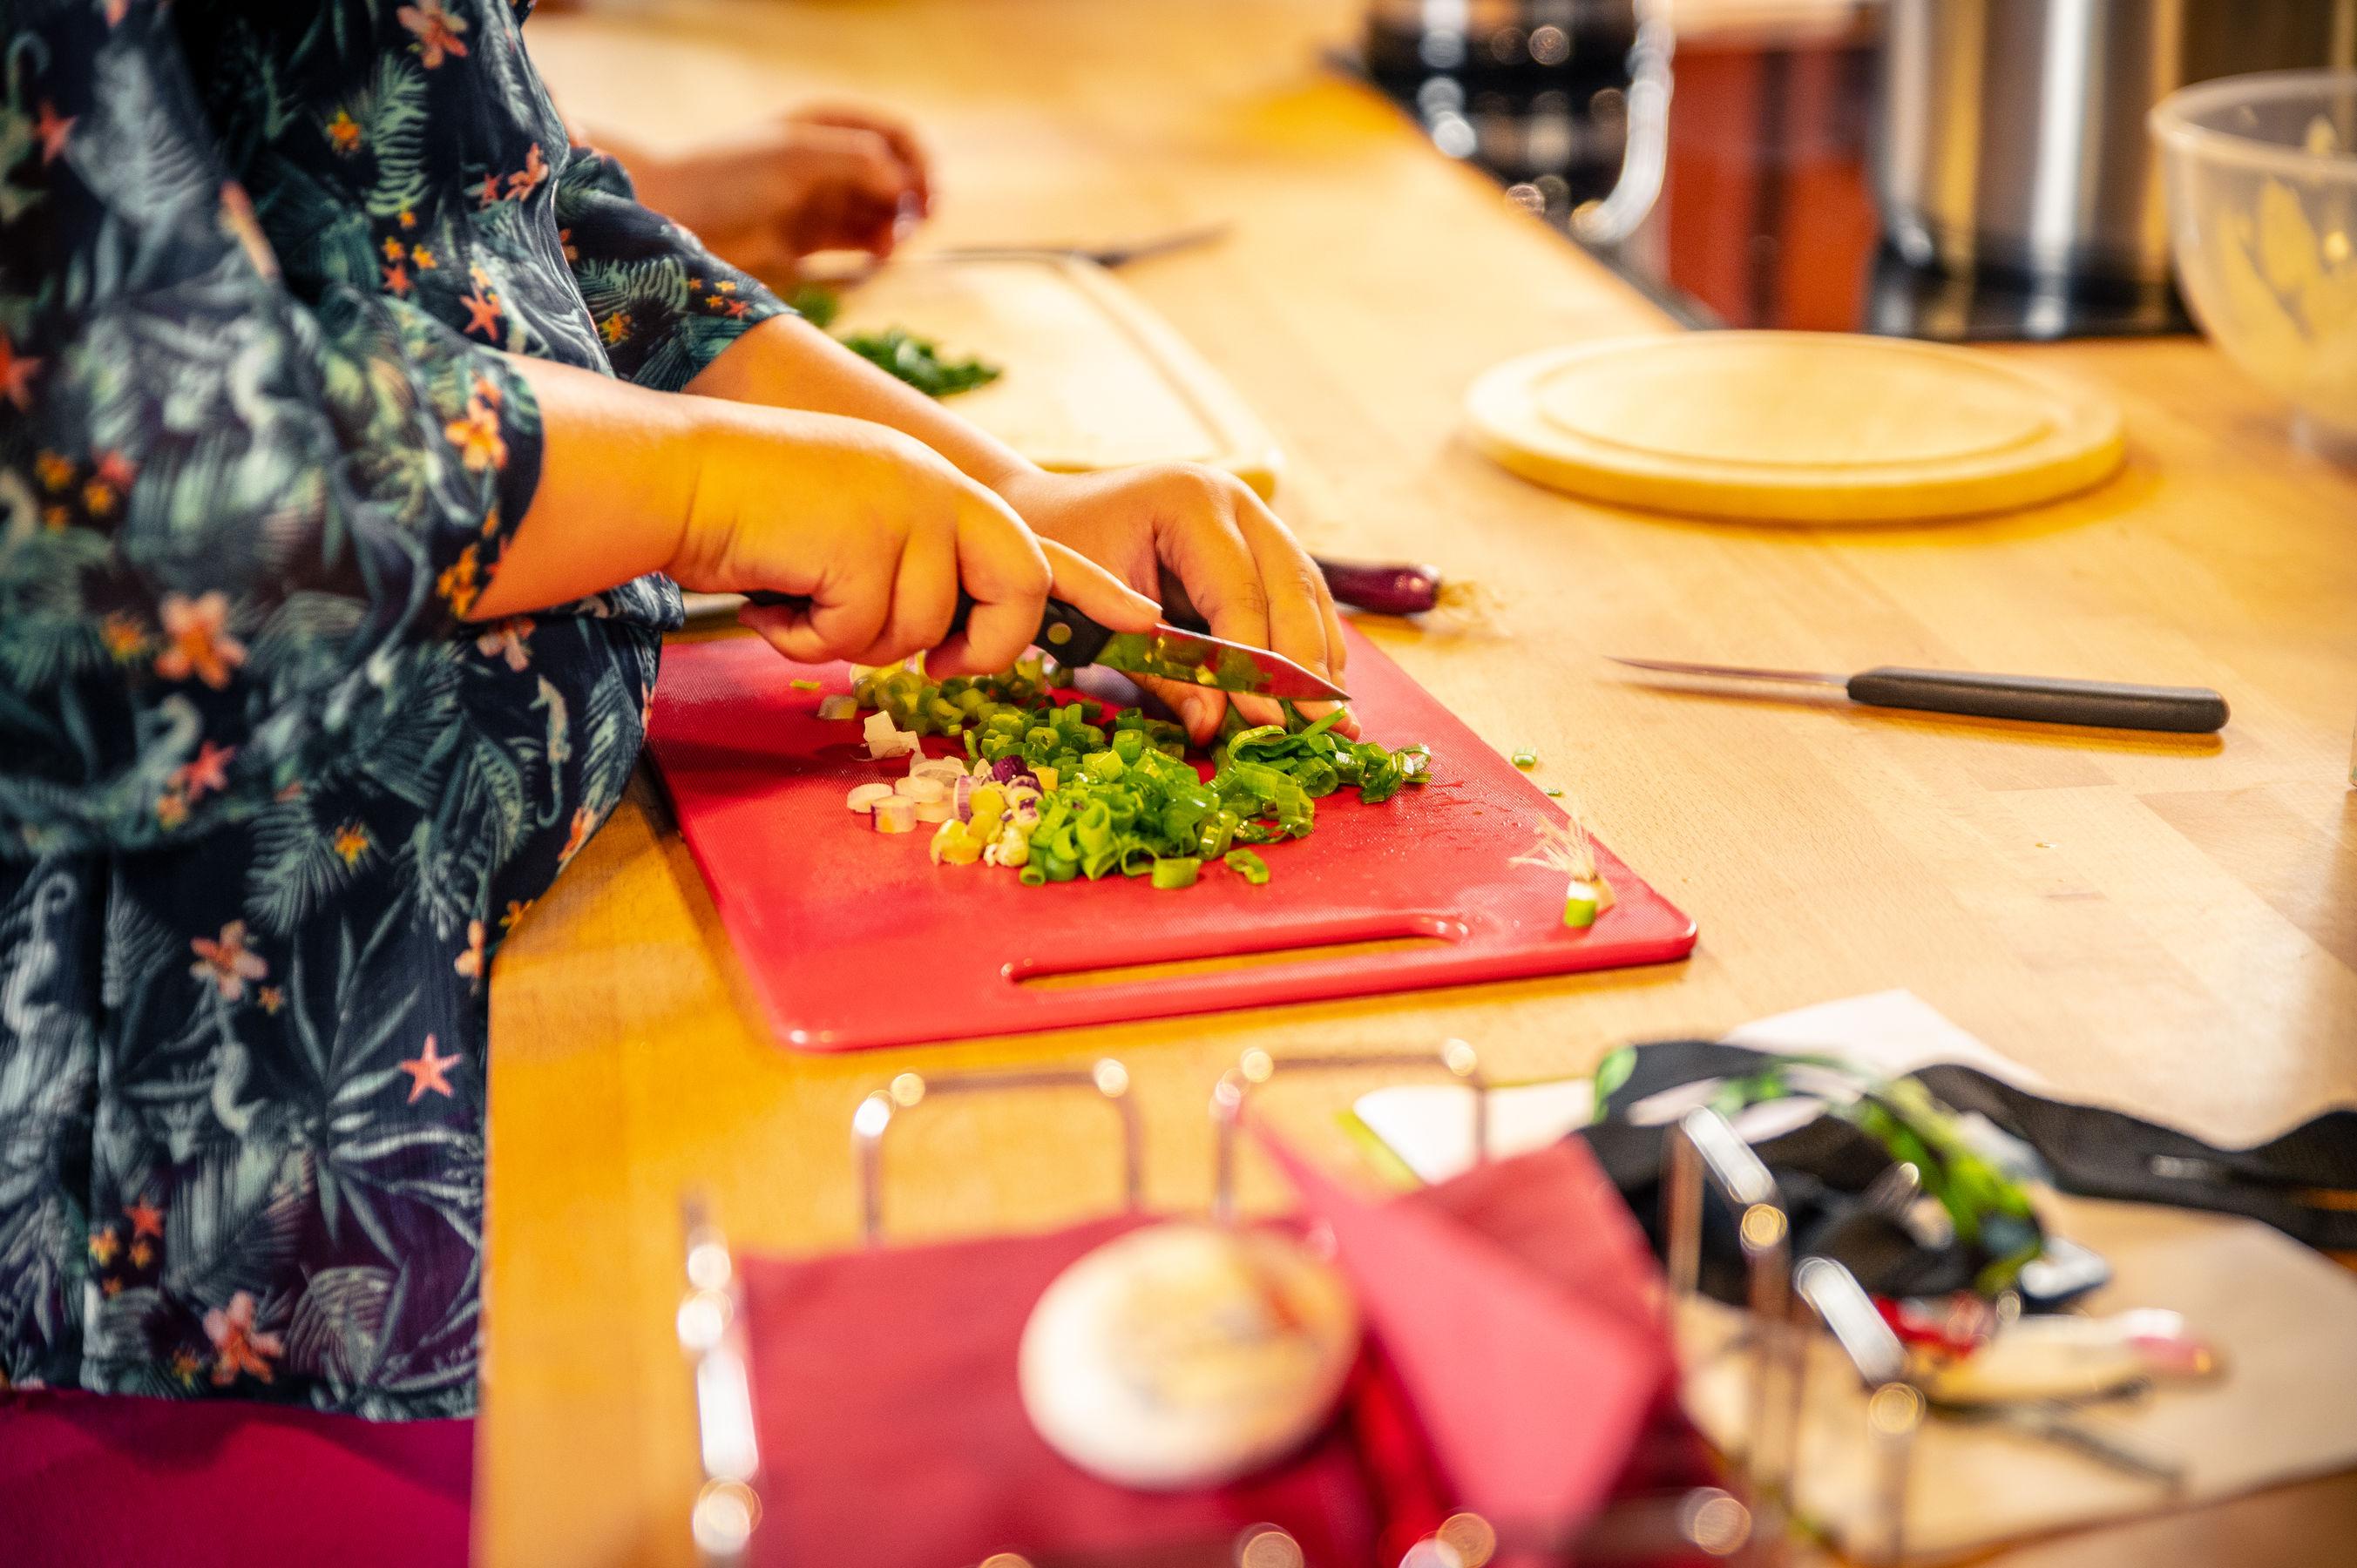 gemeinsames Kochen in der Alten Schmiede, Foto: Leon Kopsch, Lizenz: LÜBBENAUBRÜCKE